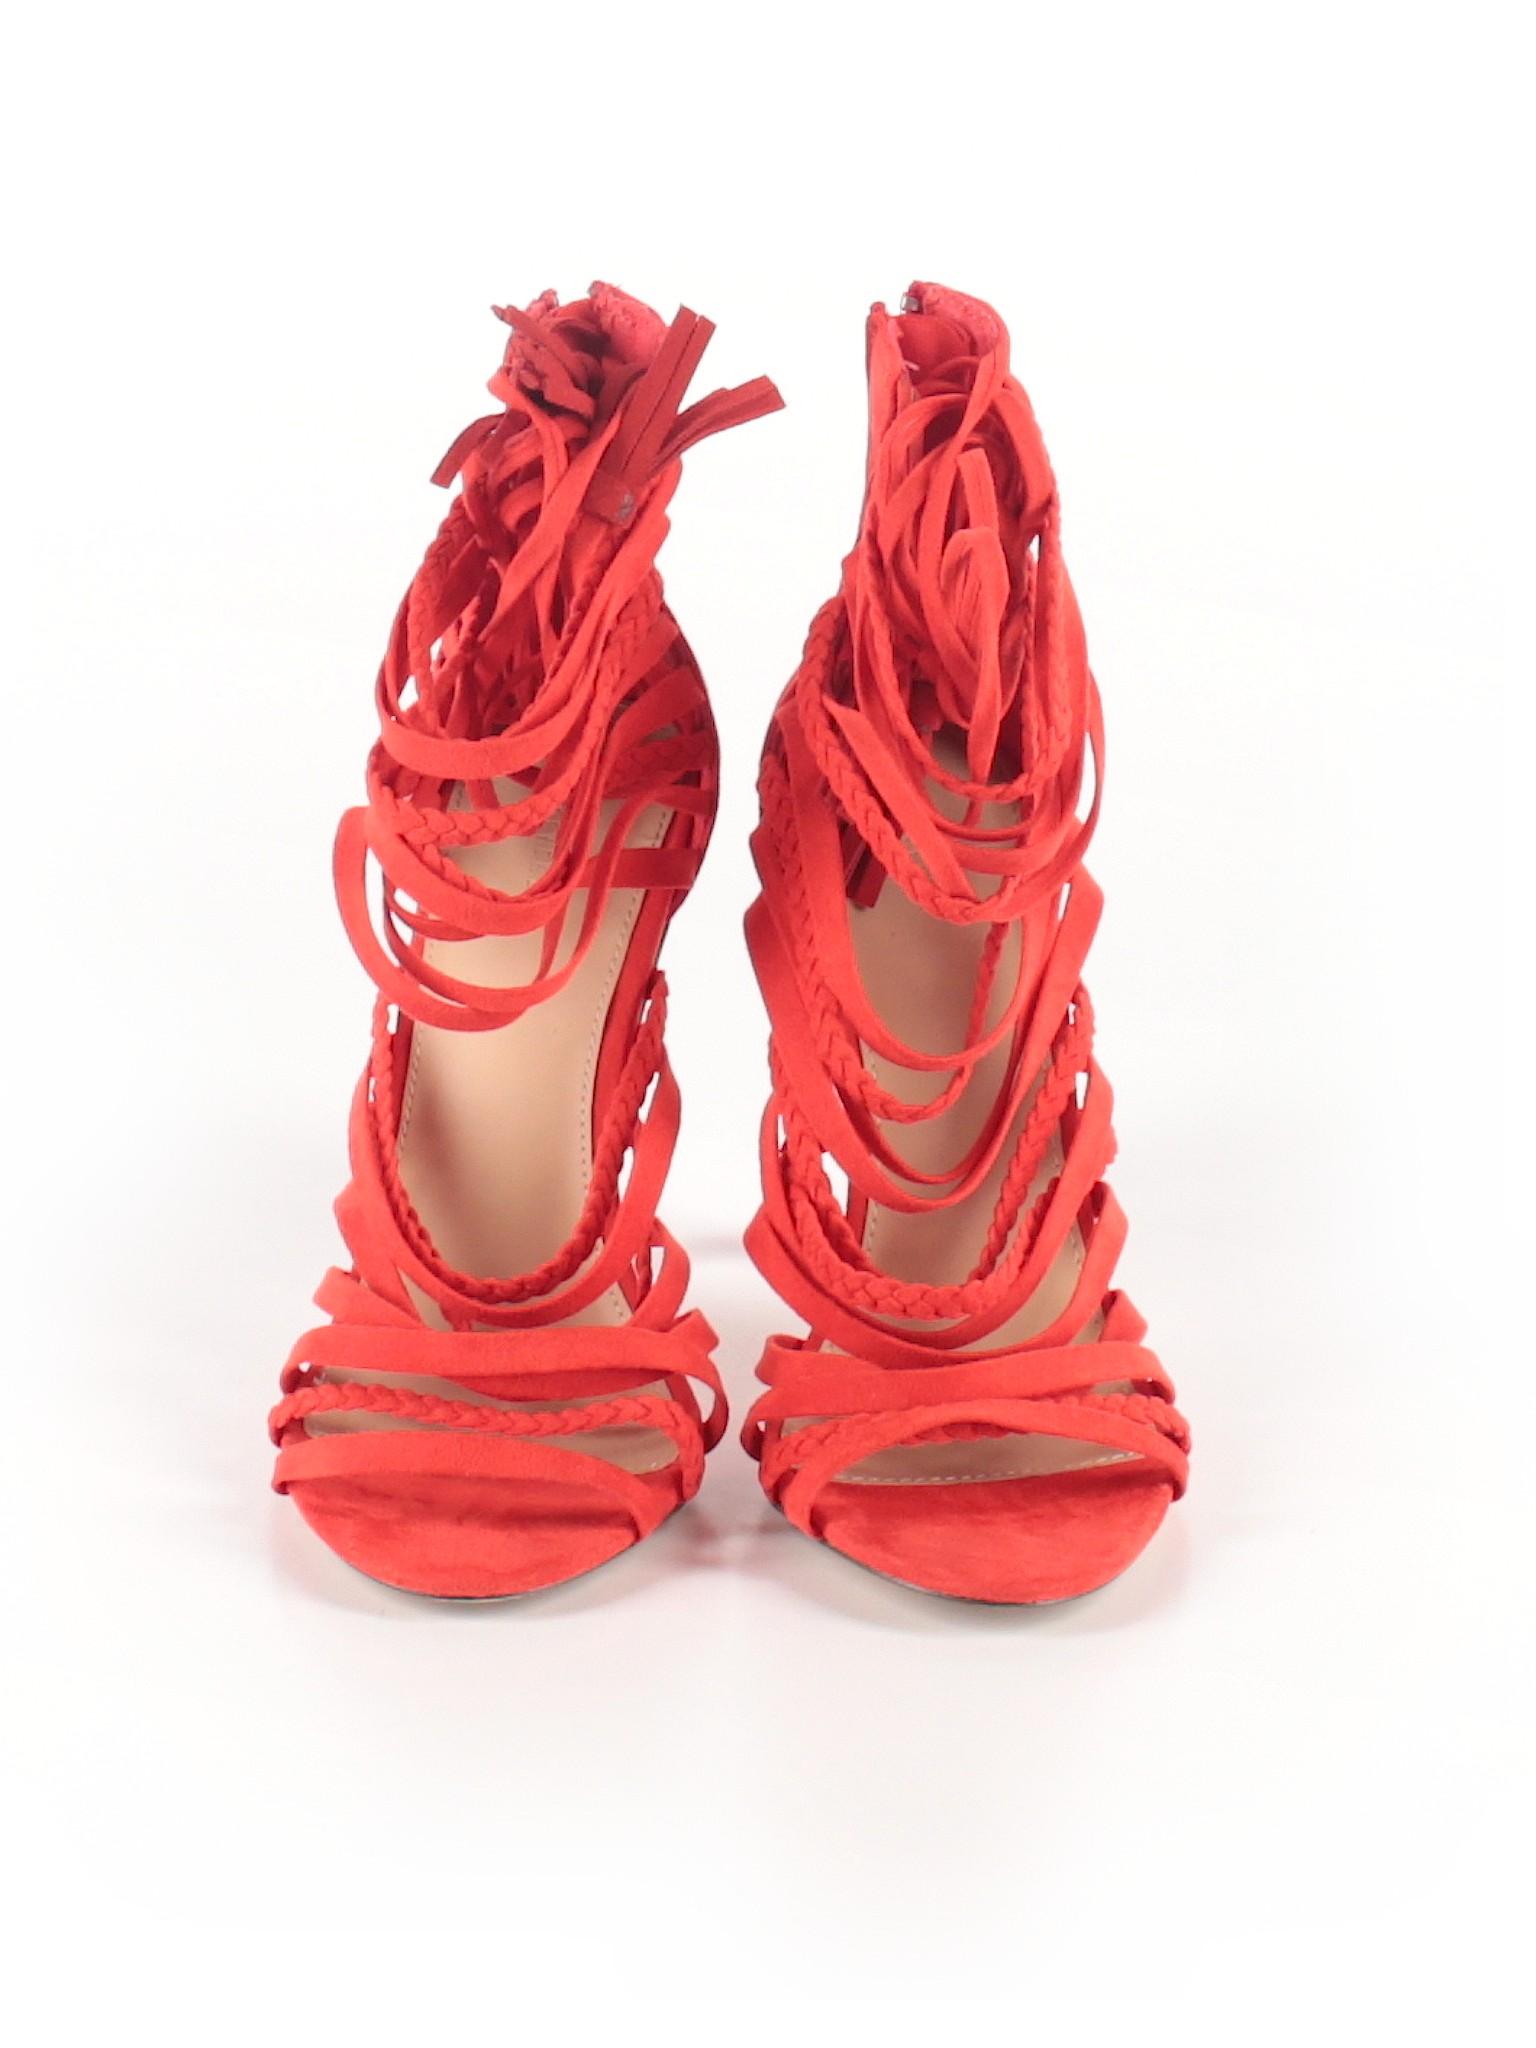 Boutique promotion Boutique promotion Heels promotion 21 promotion 21 Heels Boutique Forever Heels 21 Boutique Forever Forever SrAn5qRSw